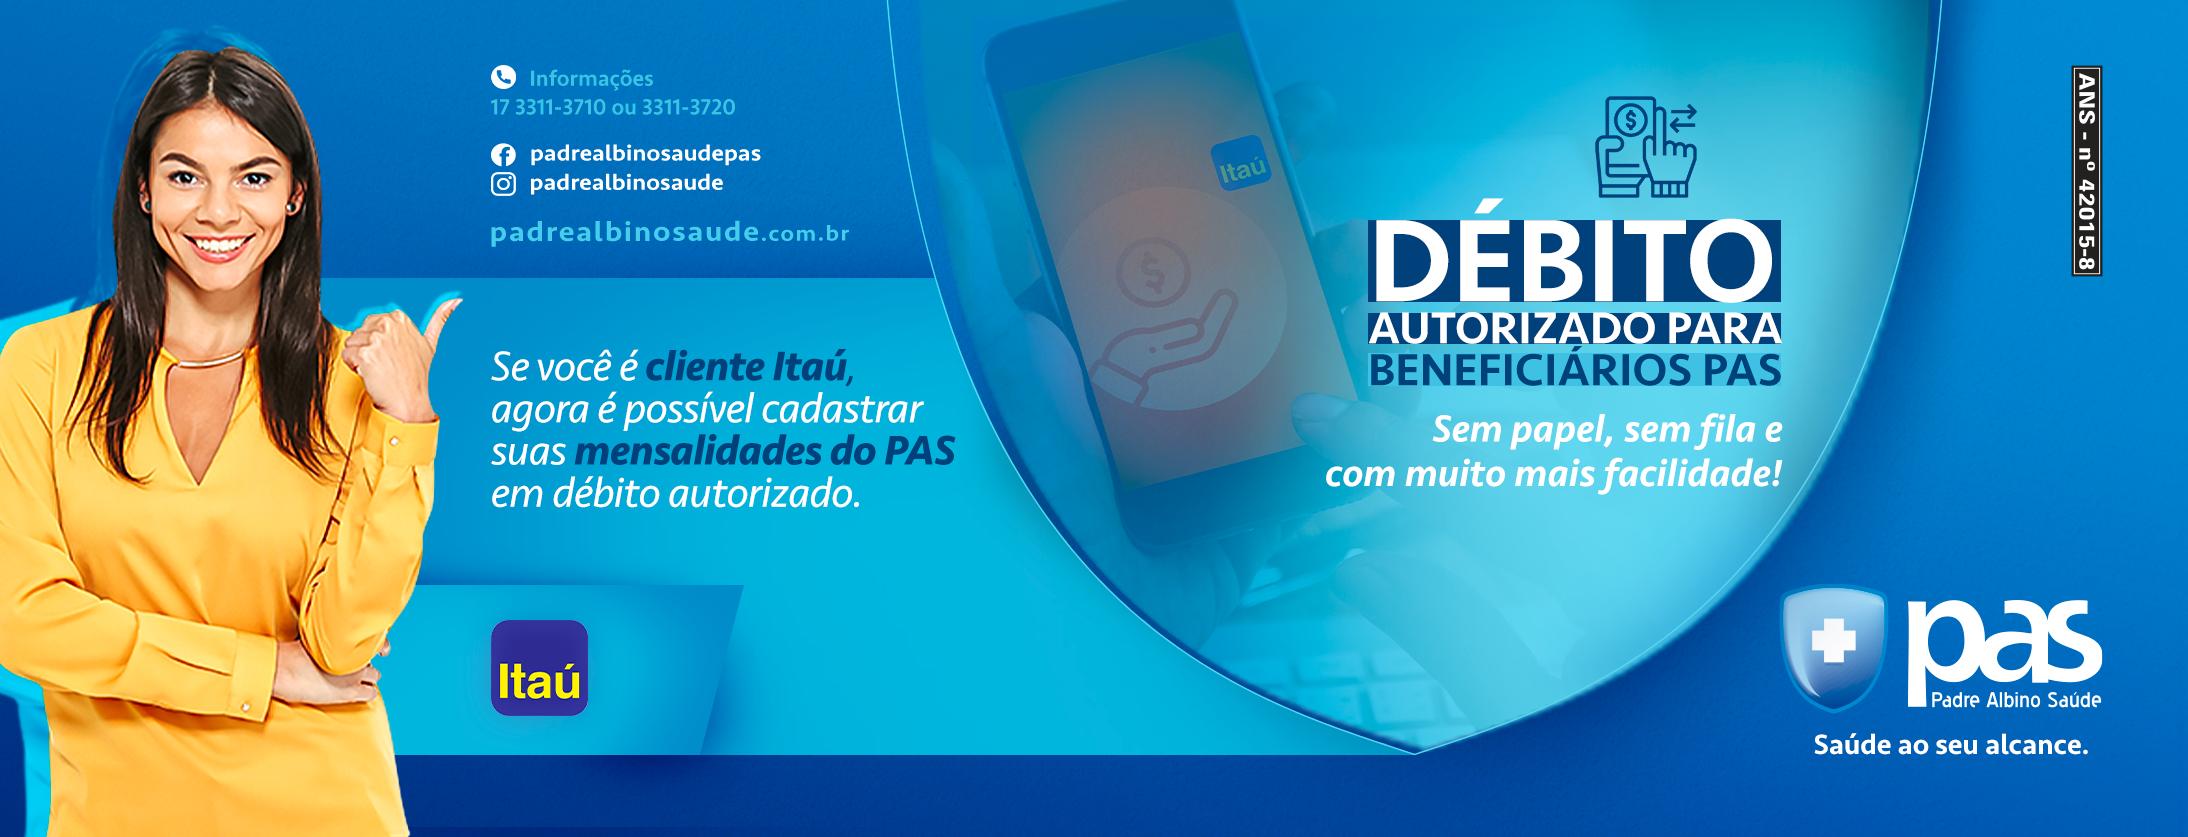 Se você é cliente Itaú, agora é possível cadastrar suas mensalidades do PAS em débito autorizado. Sem papel, sem fila e com mais facilidade.